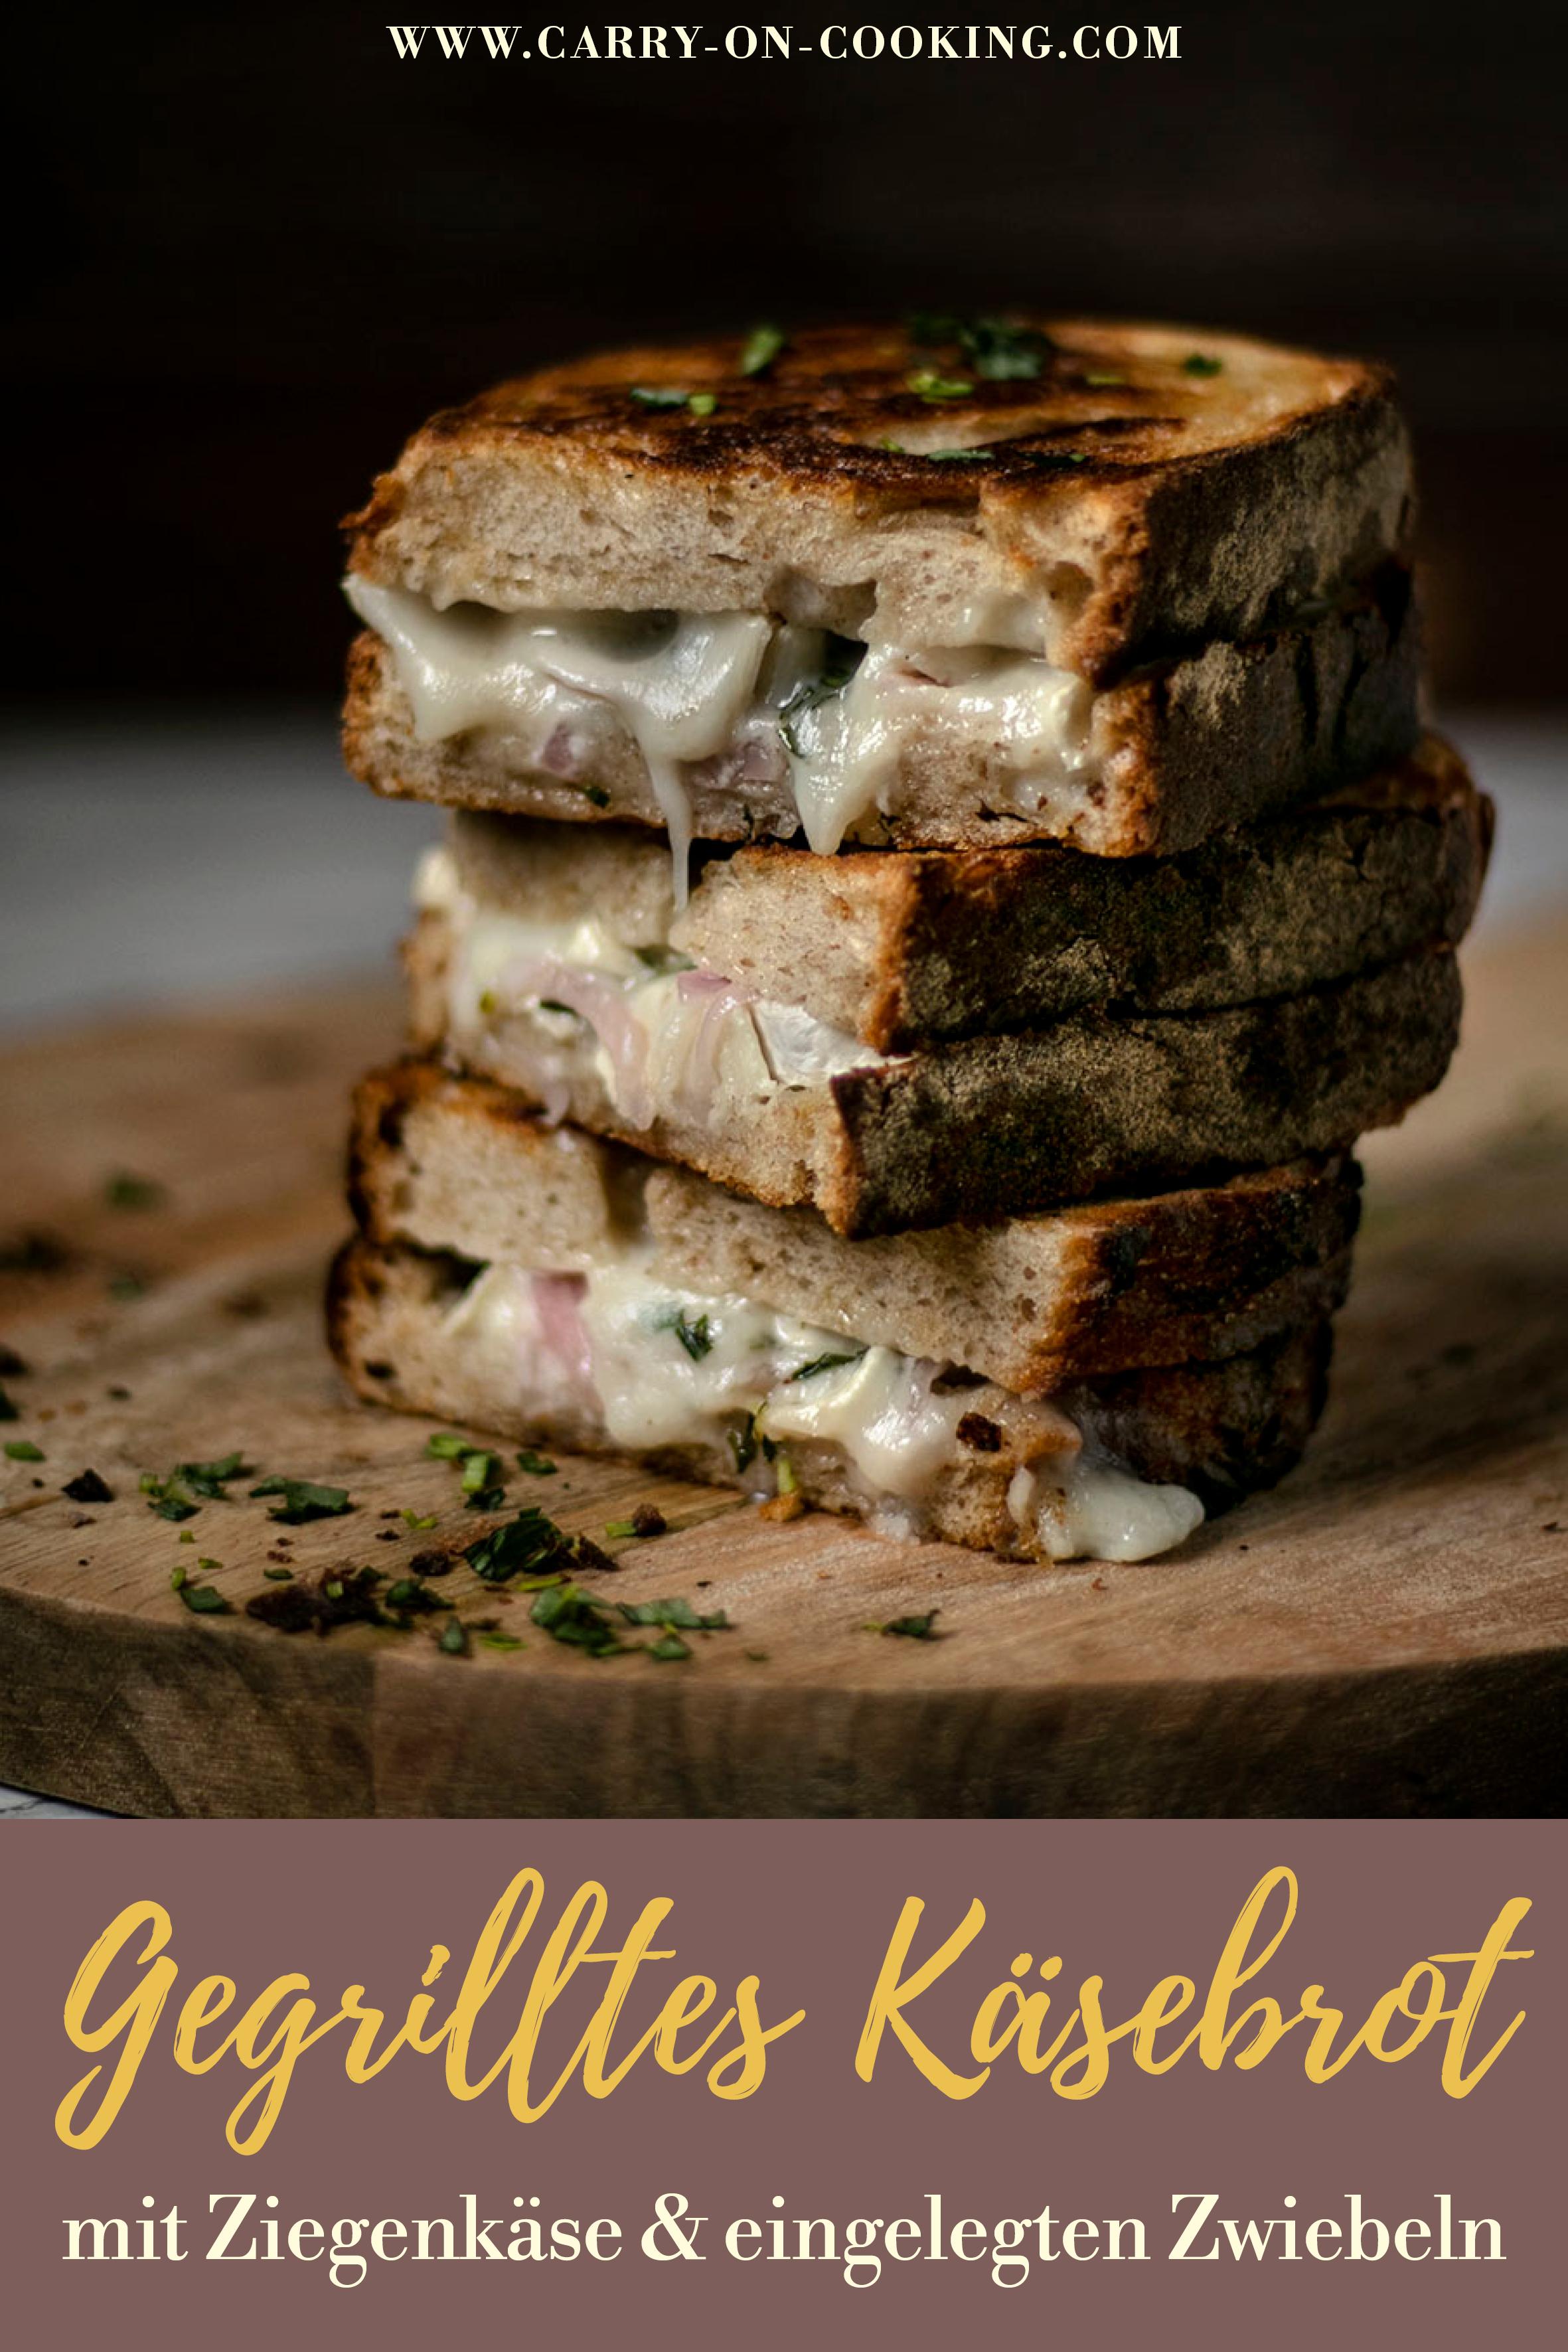 Pinterest-Pin: Gegrilltes Käsebrot mit Ziegenkäse & eingelegten Zwiebeln